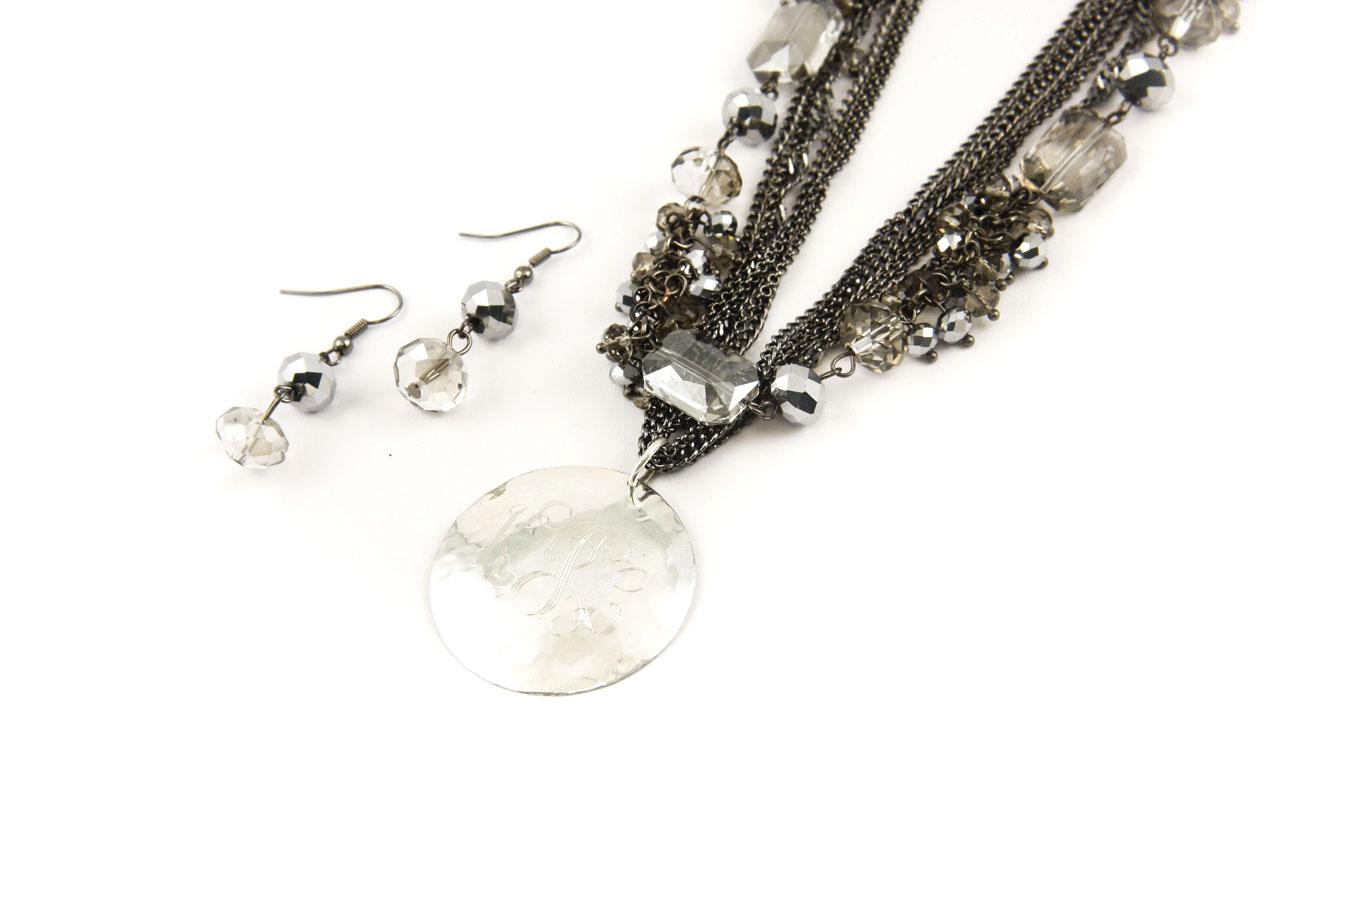 Hematite Crystal Monogrammed Necklace-Monogrammed Pendant Hematite Crystal Necklace, Hematite crystal earings